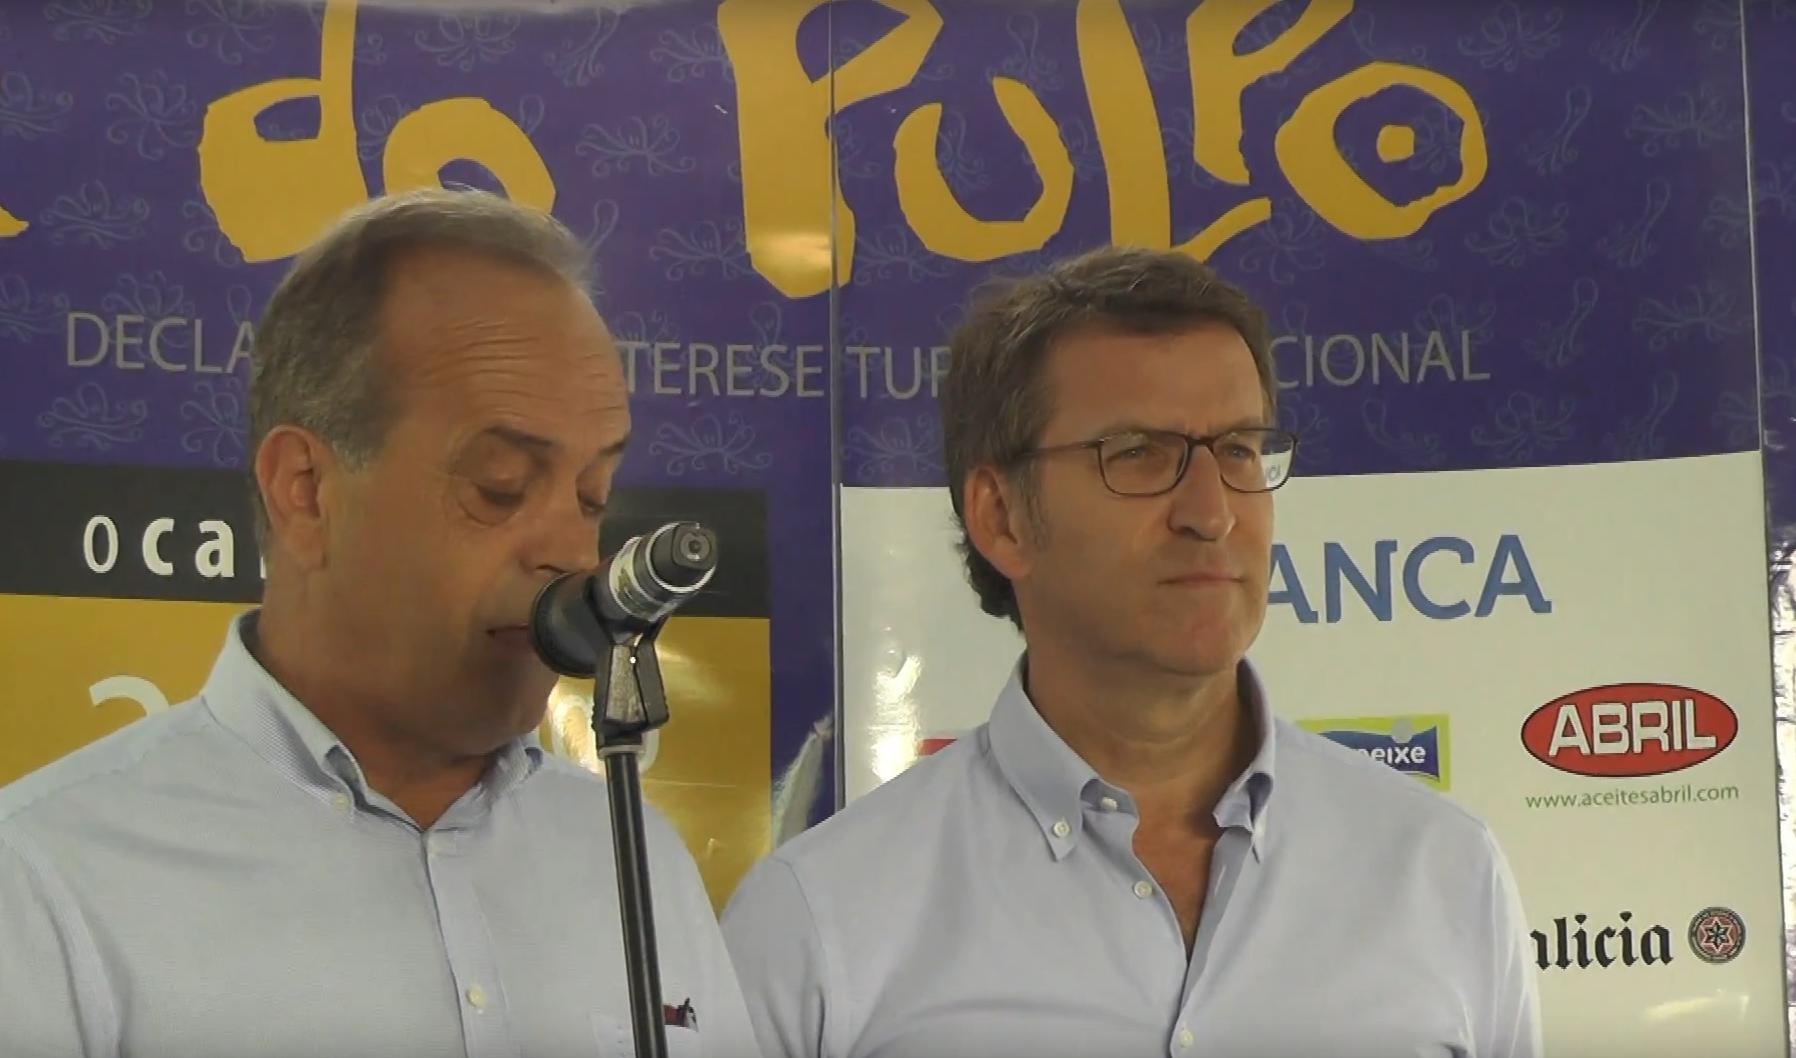 Imagen de Presentación de Vídeo sobre la Festa do Pulpo